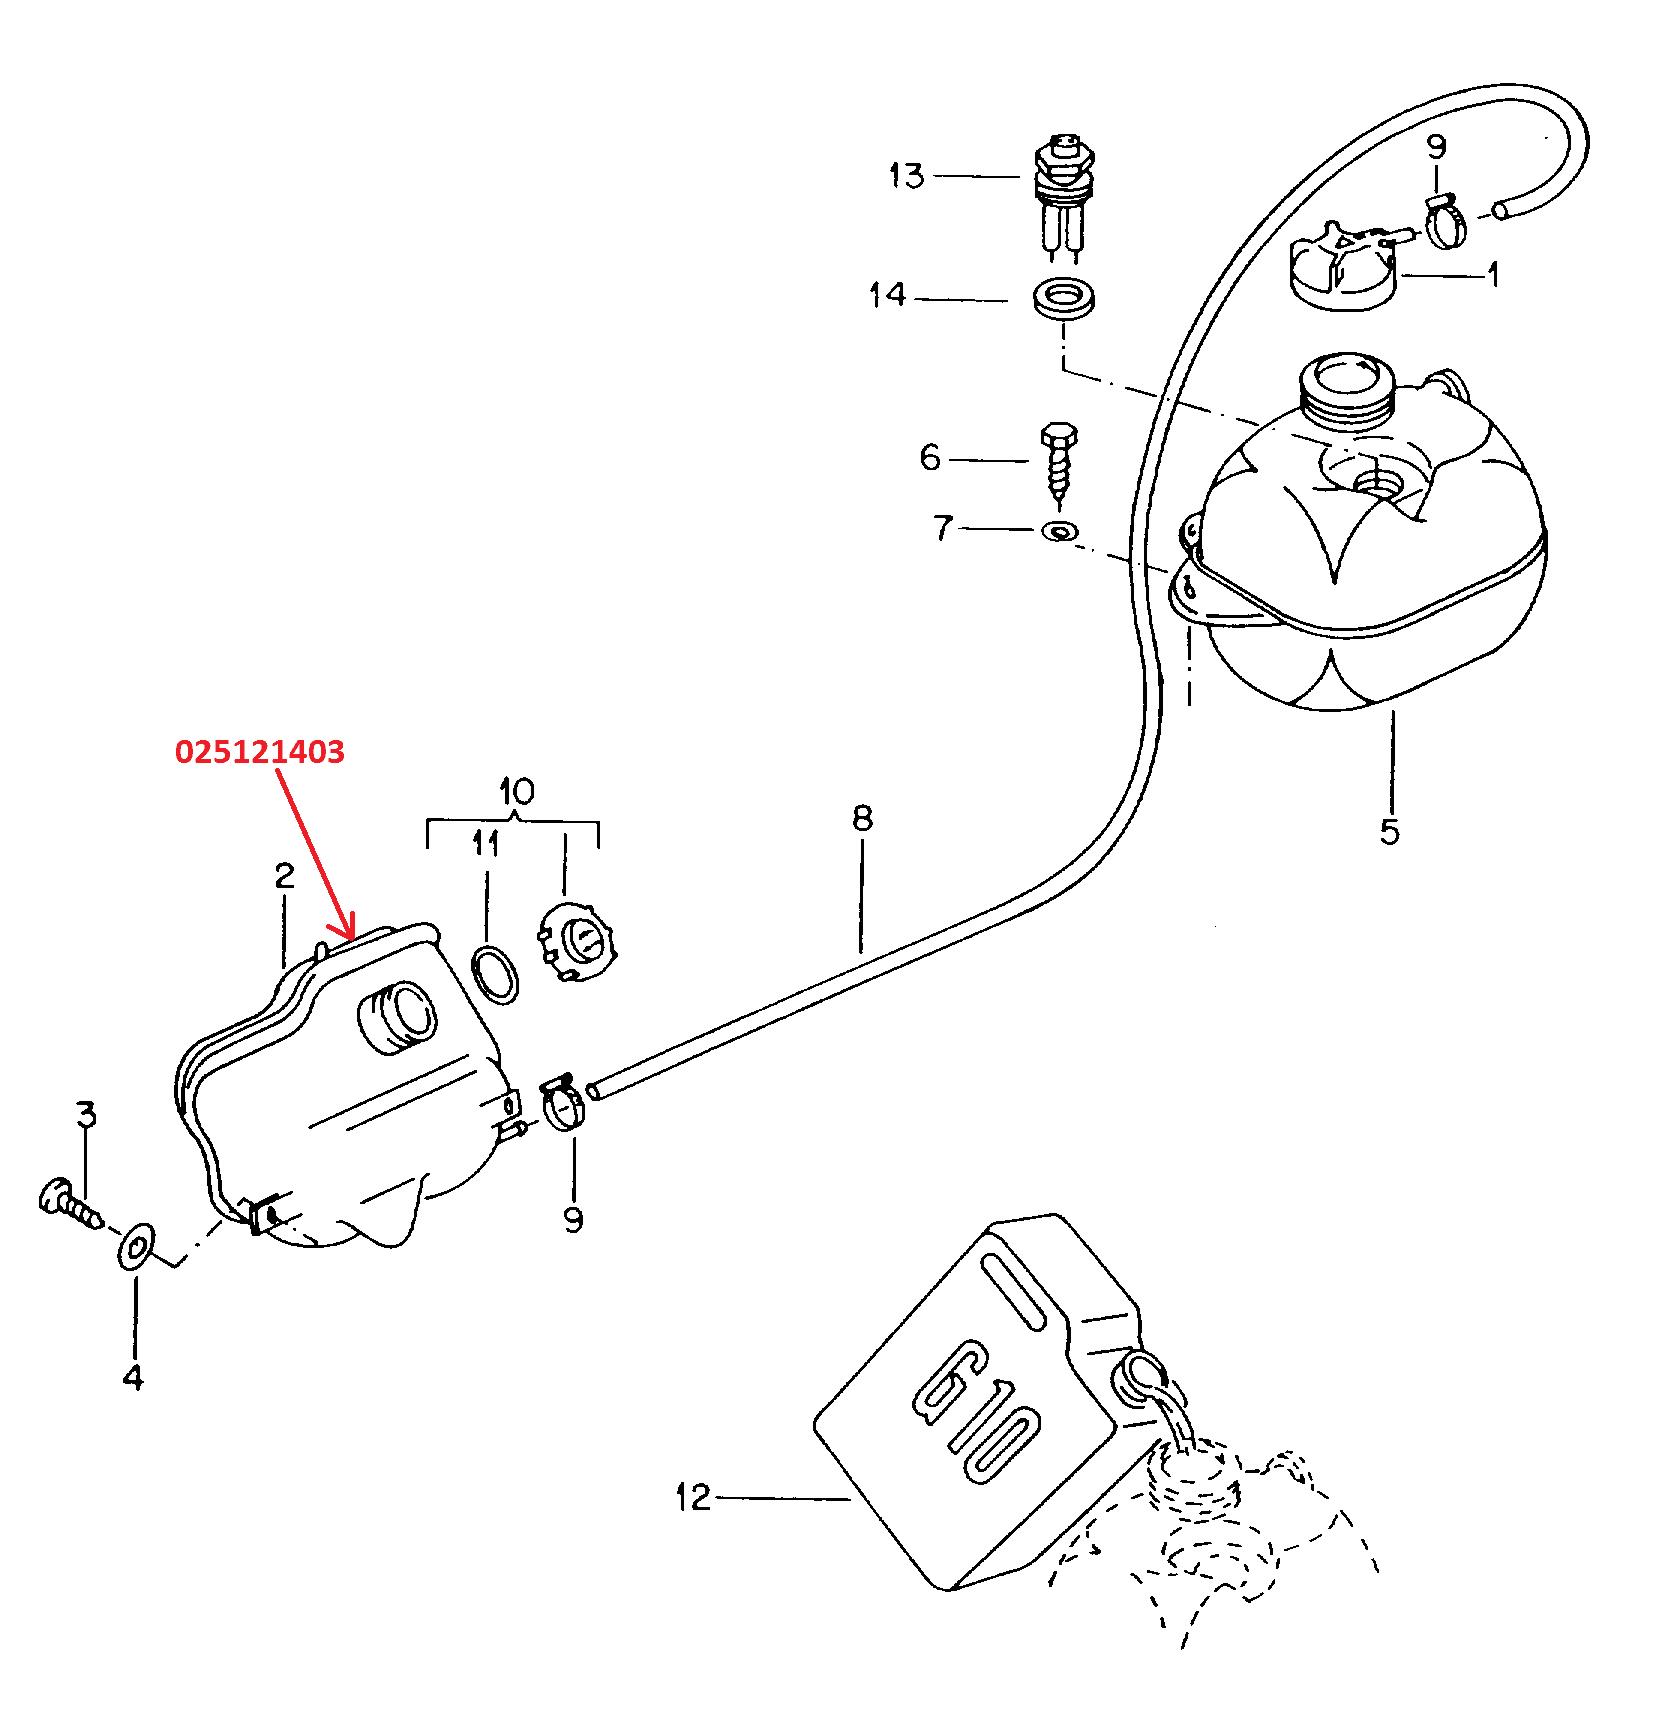 Deposito Anticongelante Inferior Combi 1 8